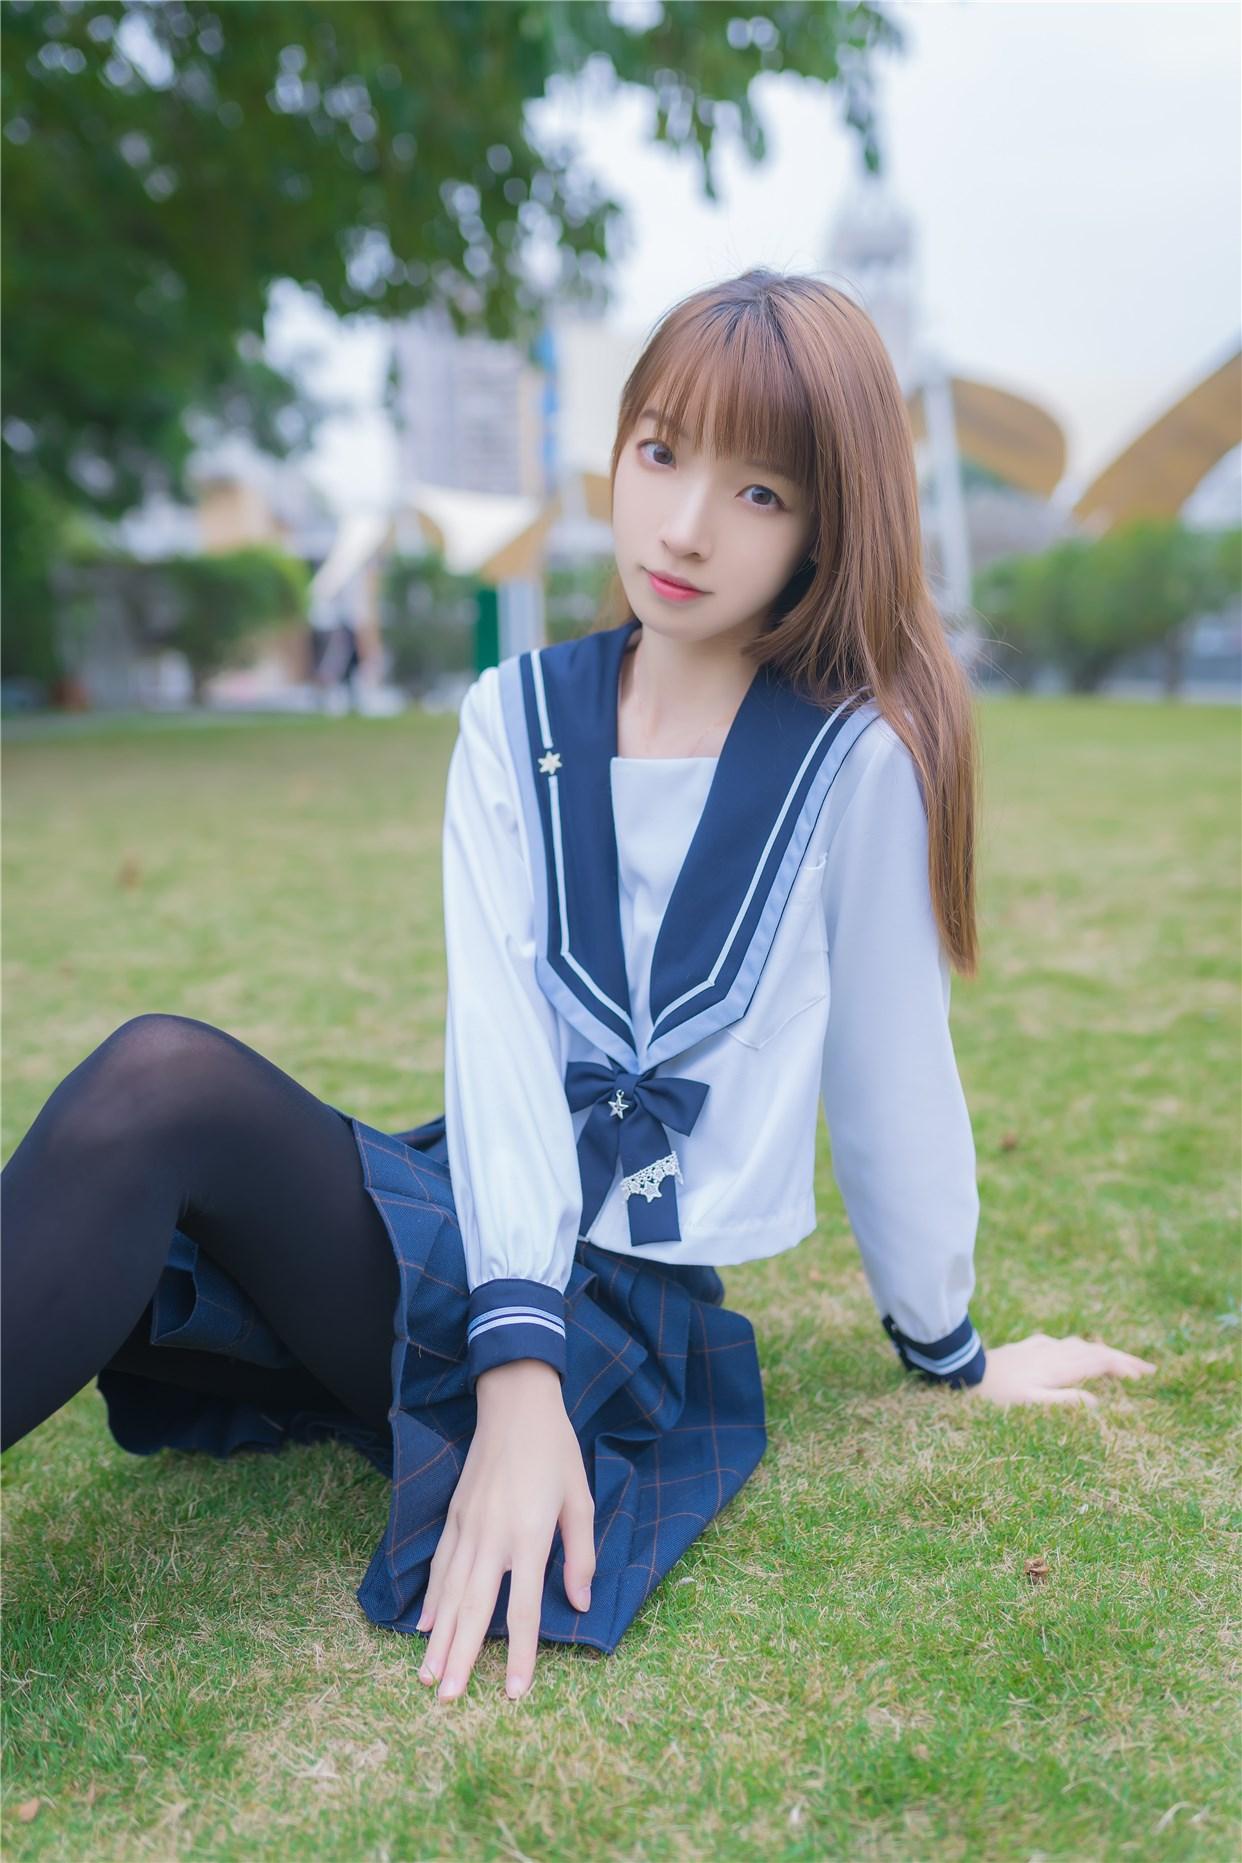 【兔玩映画】小清新JK少女 兔玩映画 第5张